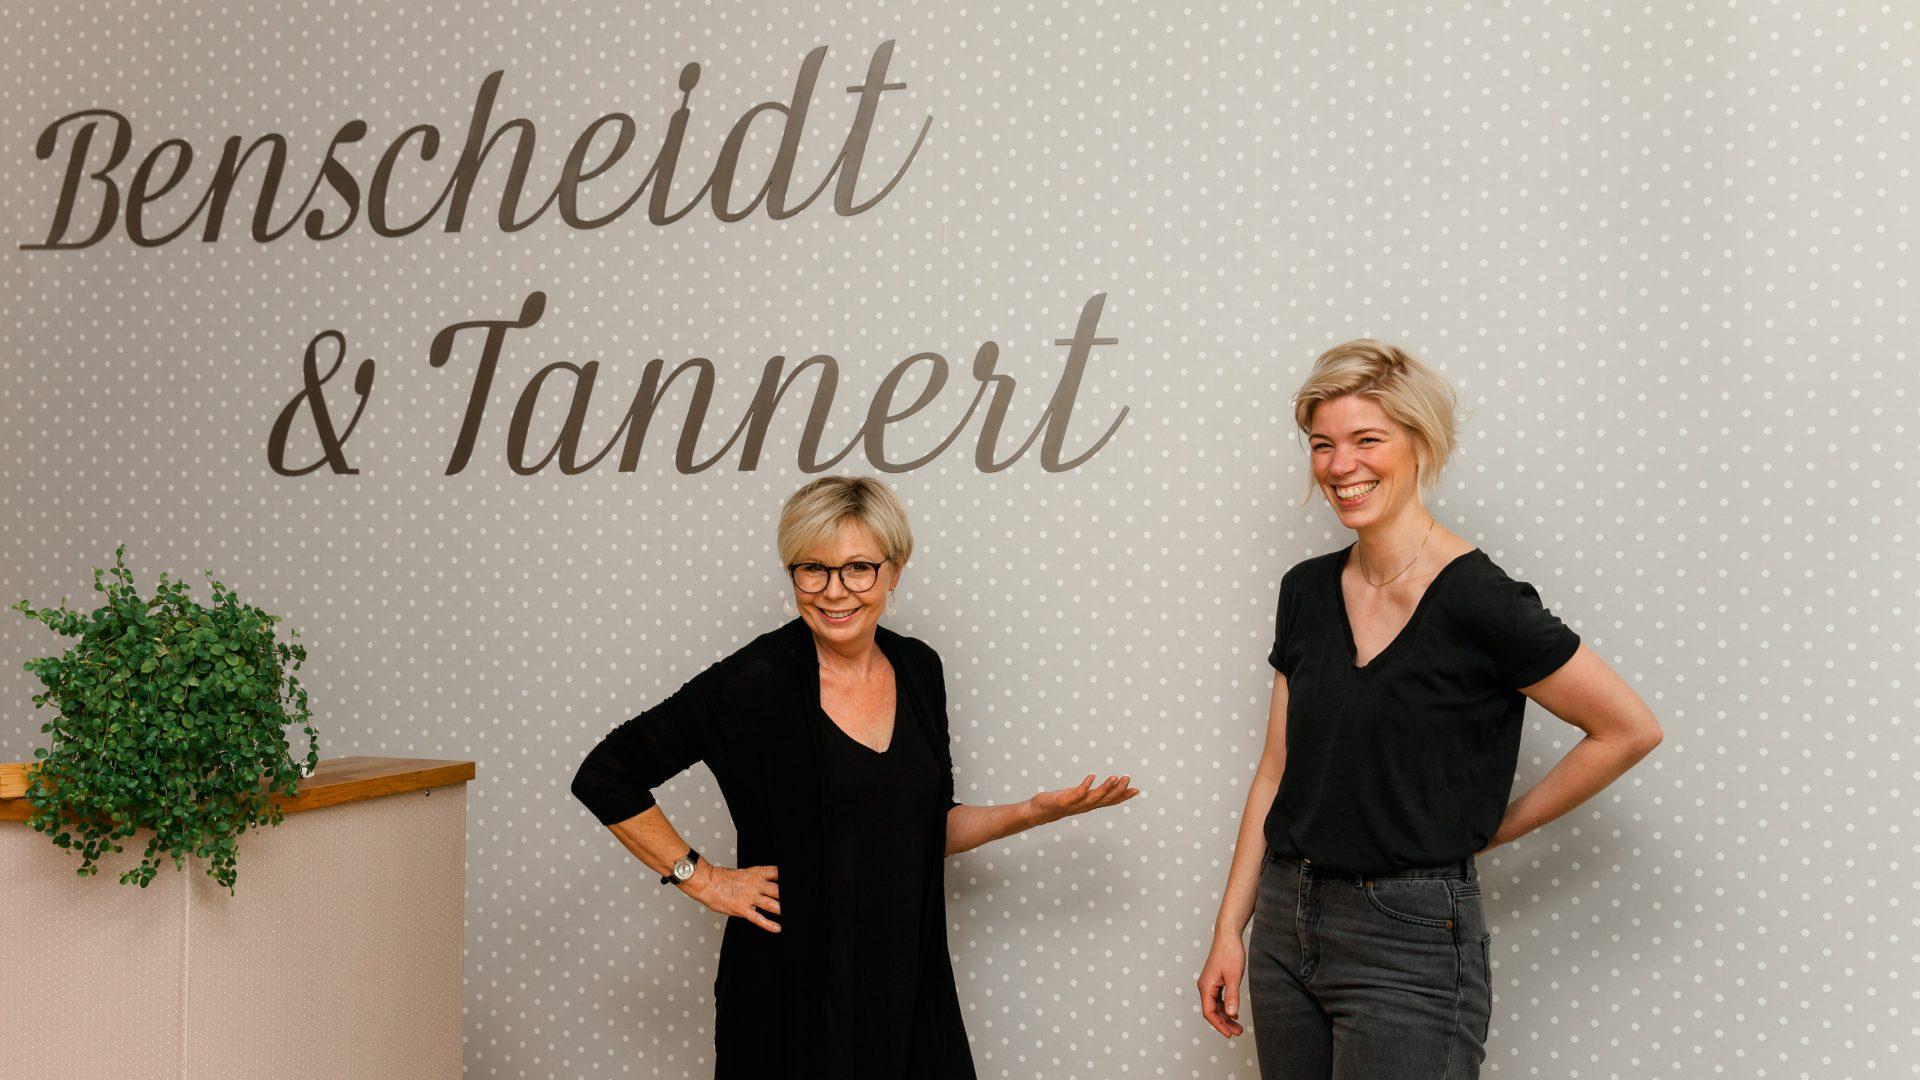 Benscheid & Tannert Friseurmeisterinnen - Köln Ehrenfeld